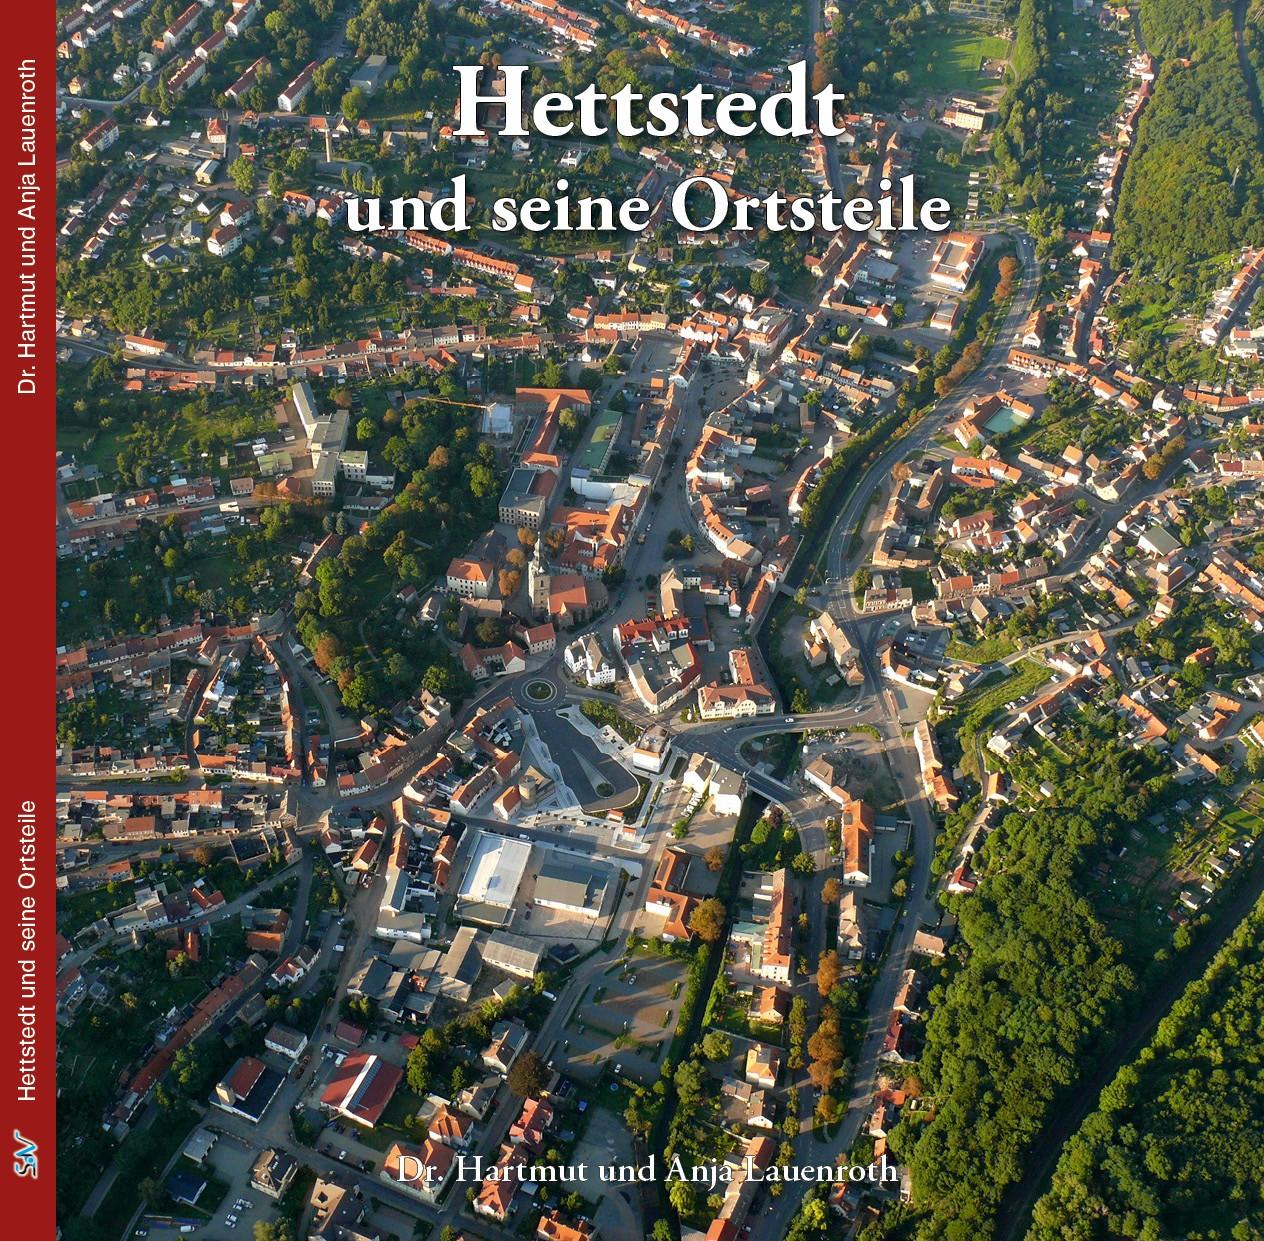 ISBN 978-3-938642-68-9